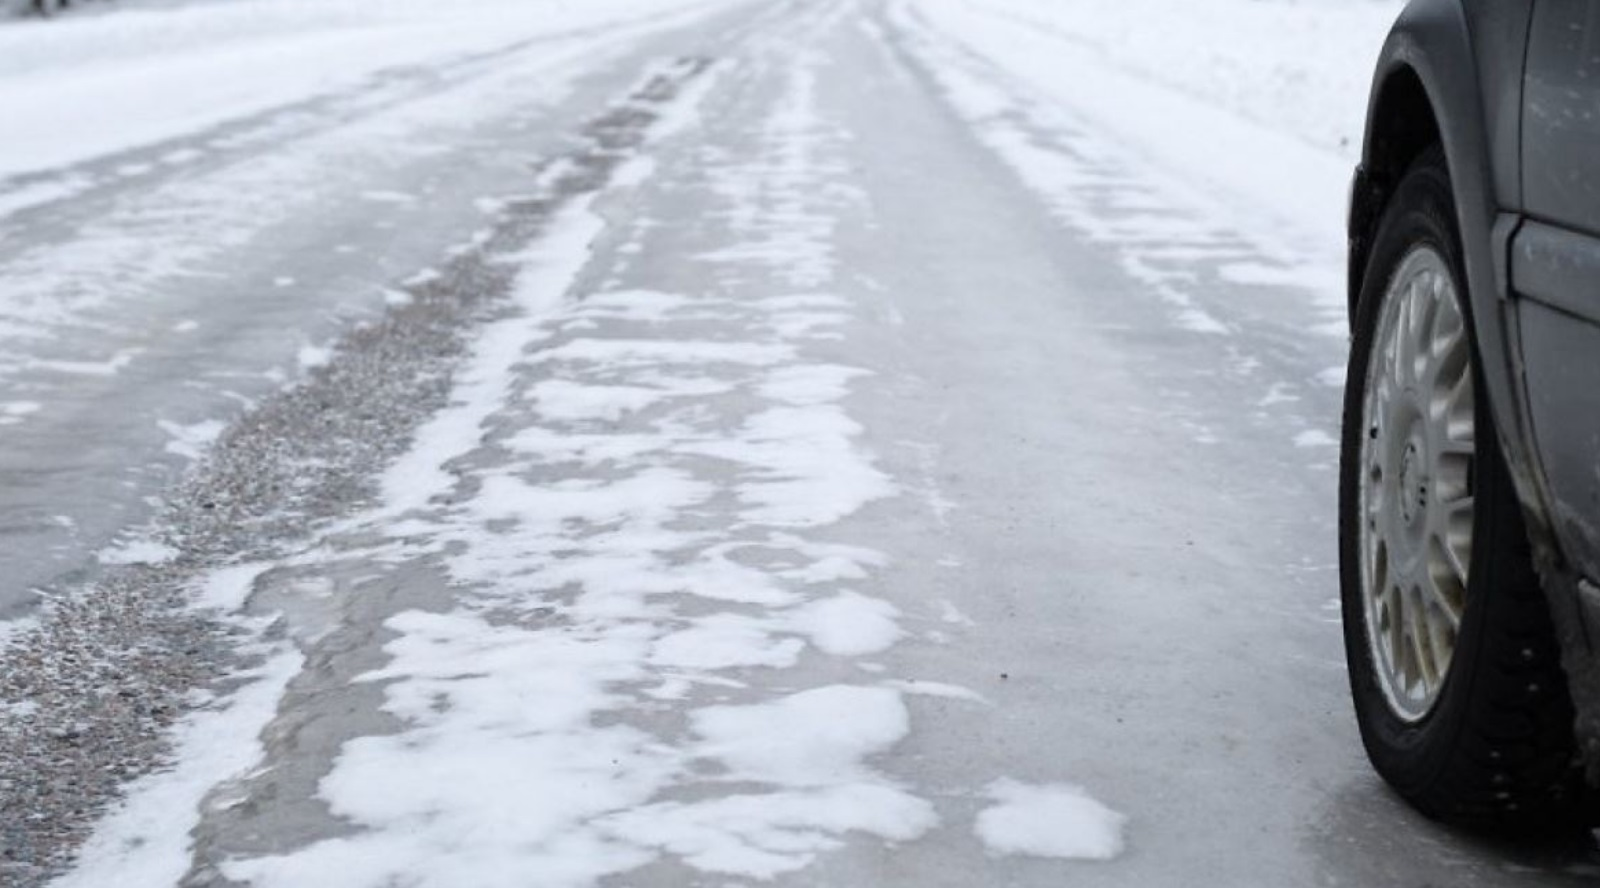 Метеопредупреждение: в Костроме ожидается мокрый снег с дождем